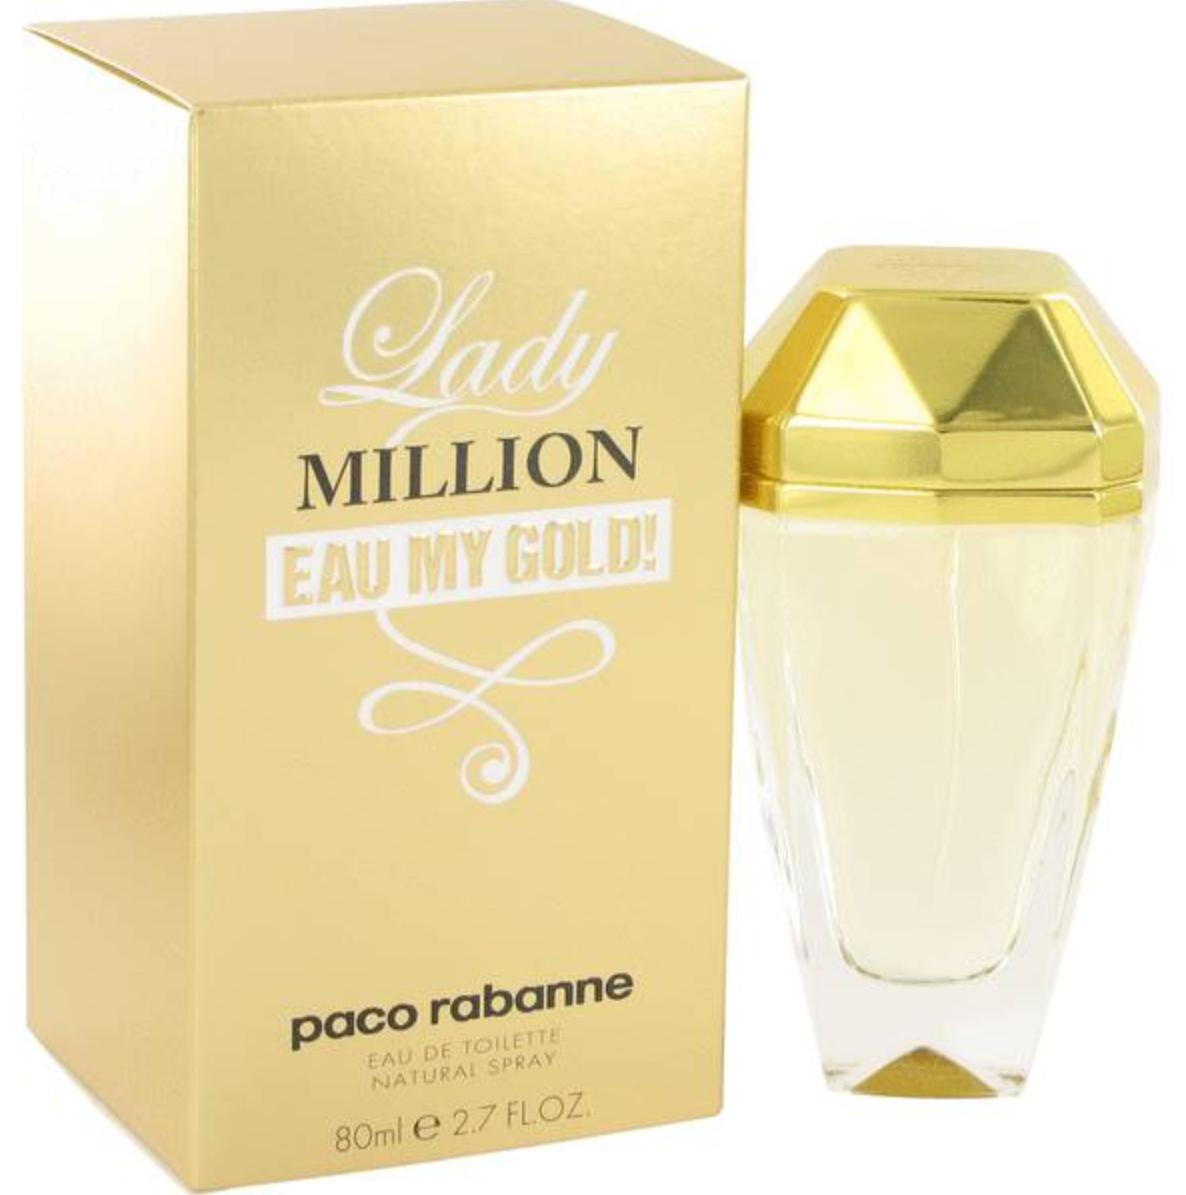 Paco Rabanne - Lady Million Eau My Gold - Eau de Toilette